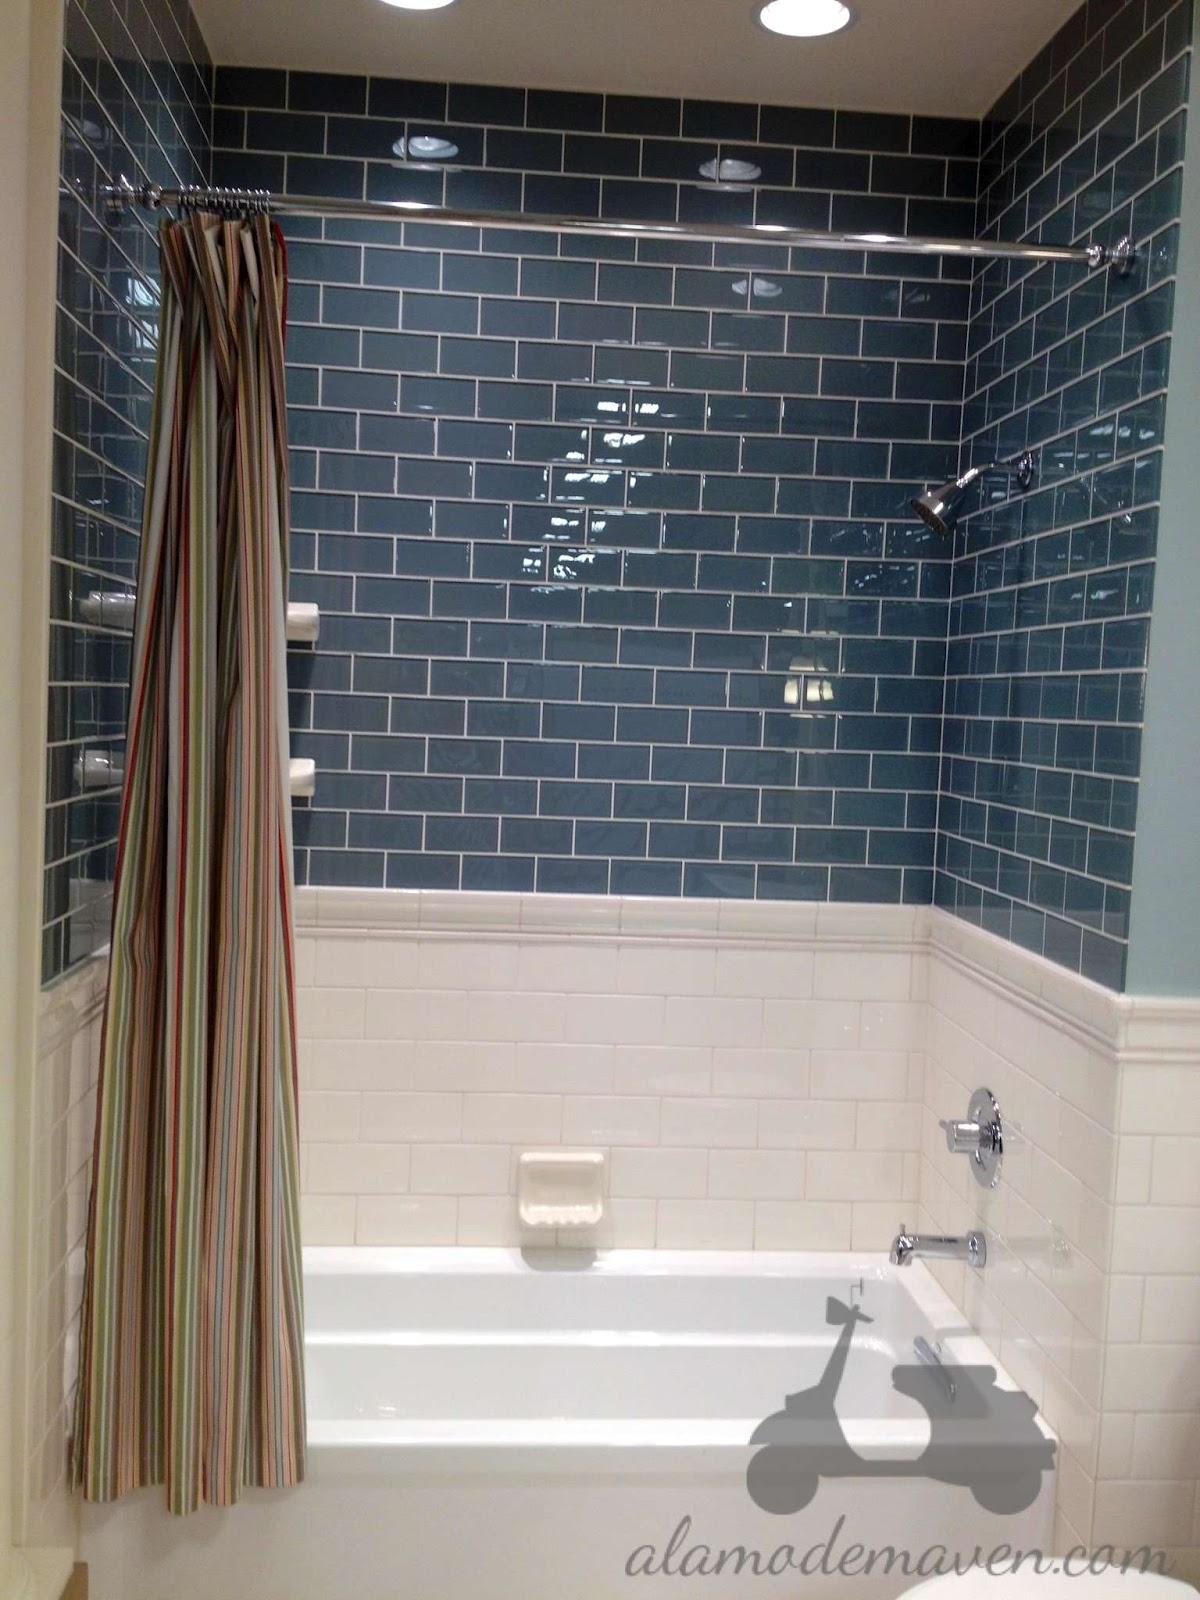 Glass Tile Shower on Pinterest  Glass Tiles Tile and